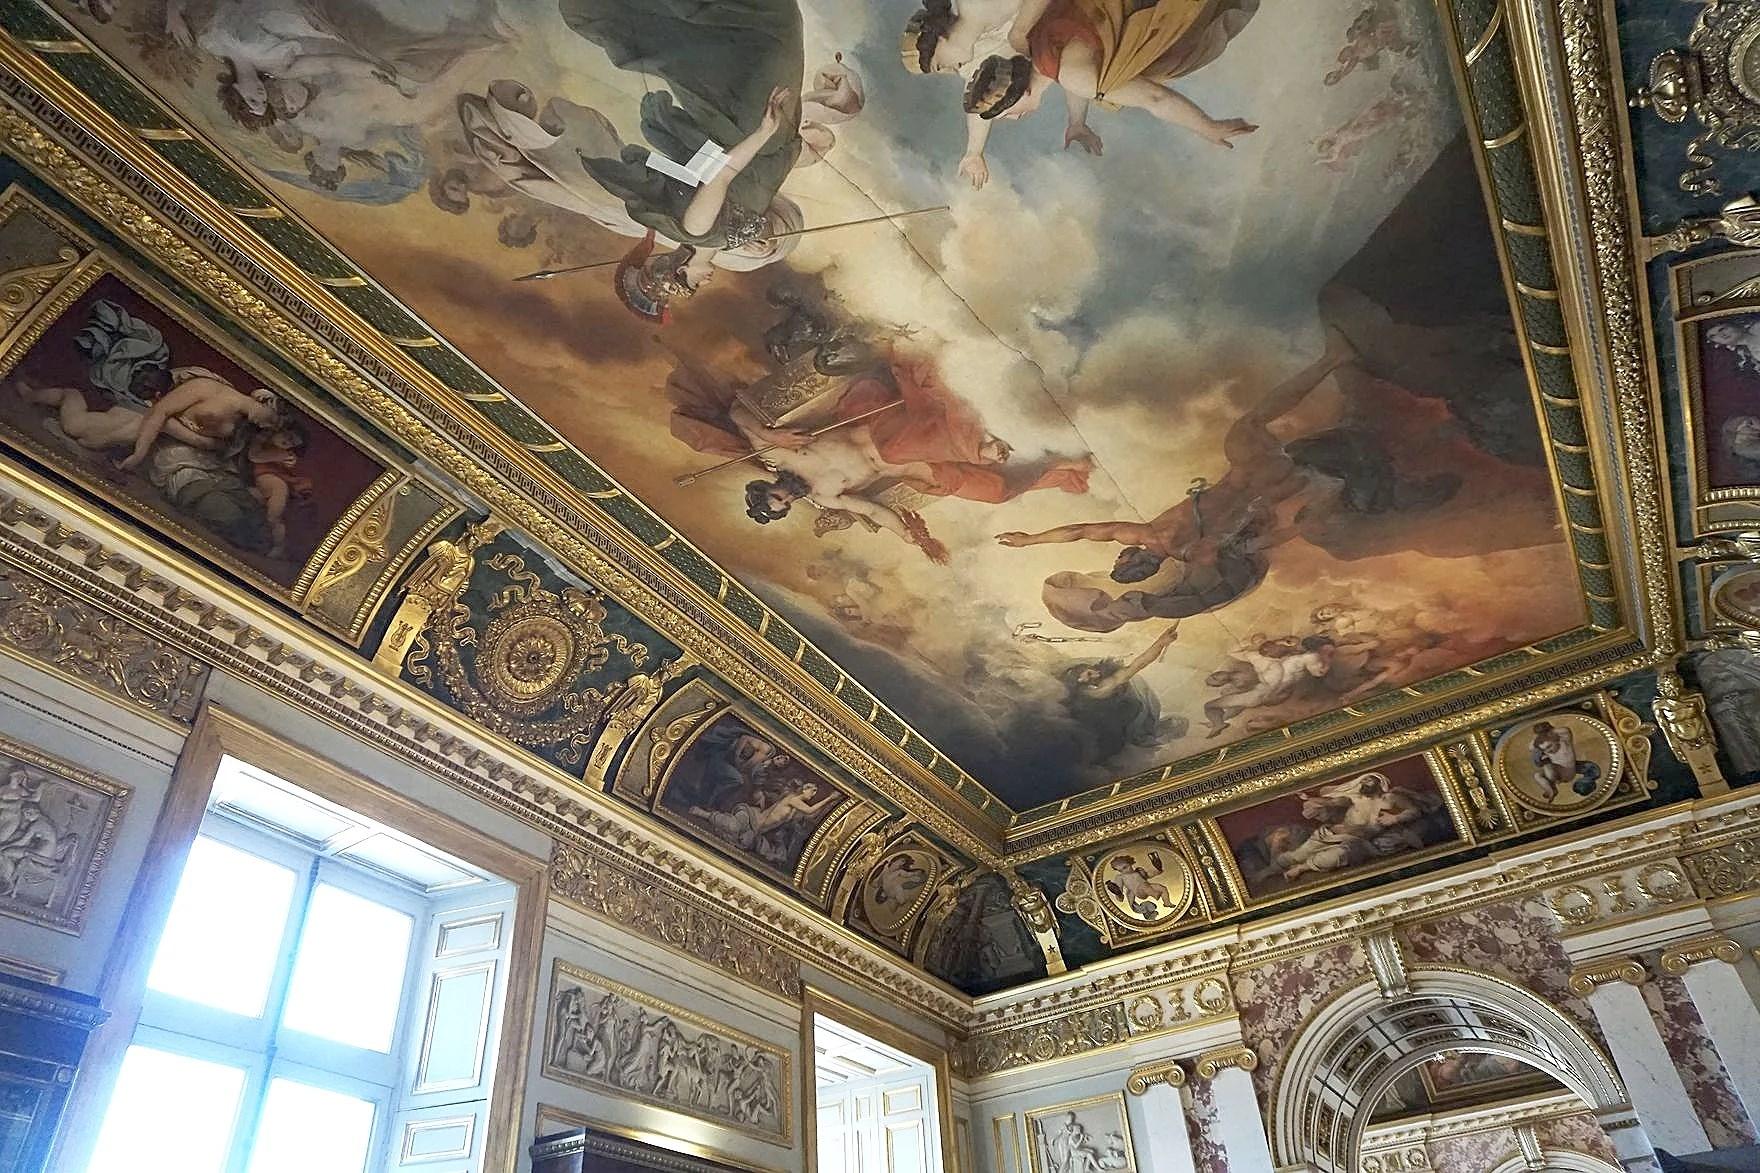 Le Dernier Jour & Musée du Louvre